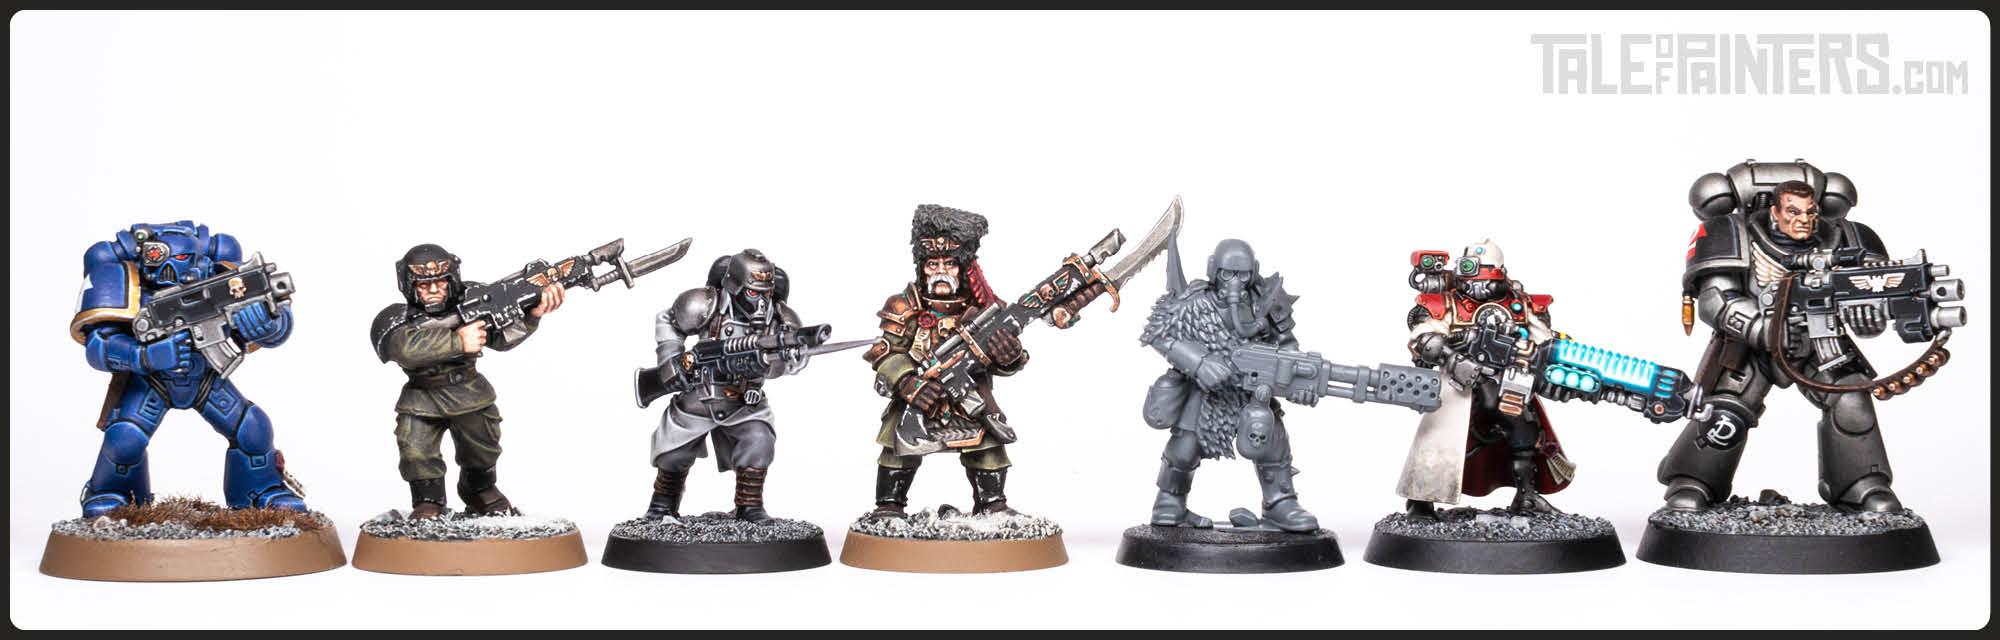 Plastic Death Korps of Krieg scale comparison